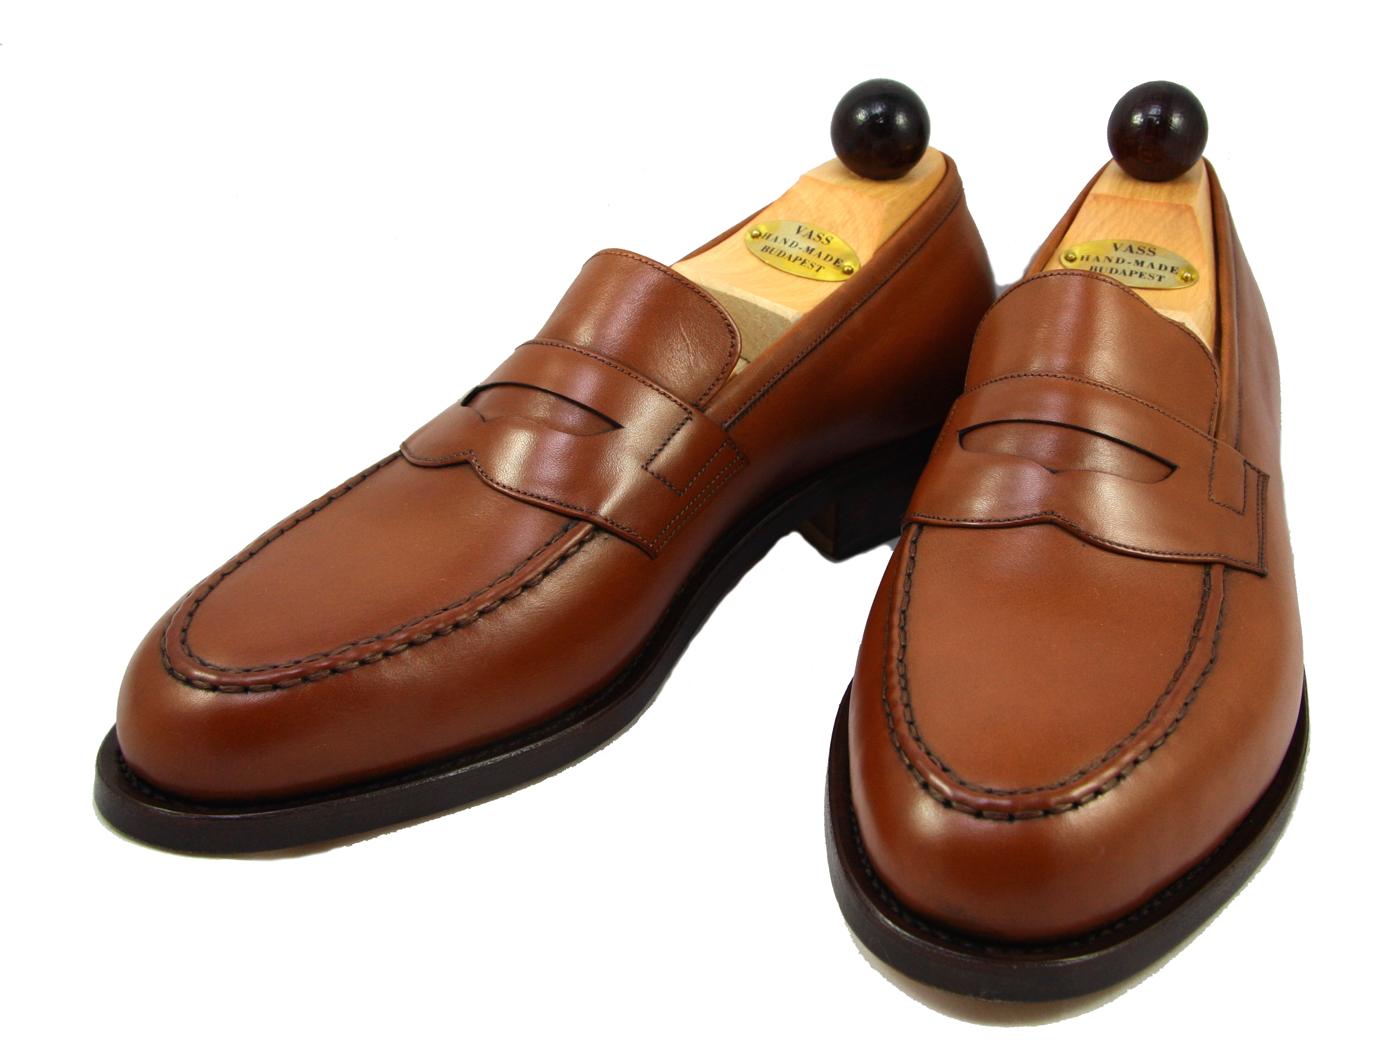 Laszlo Vass Shoes Price